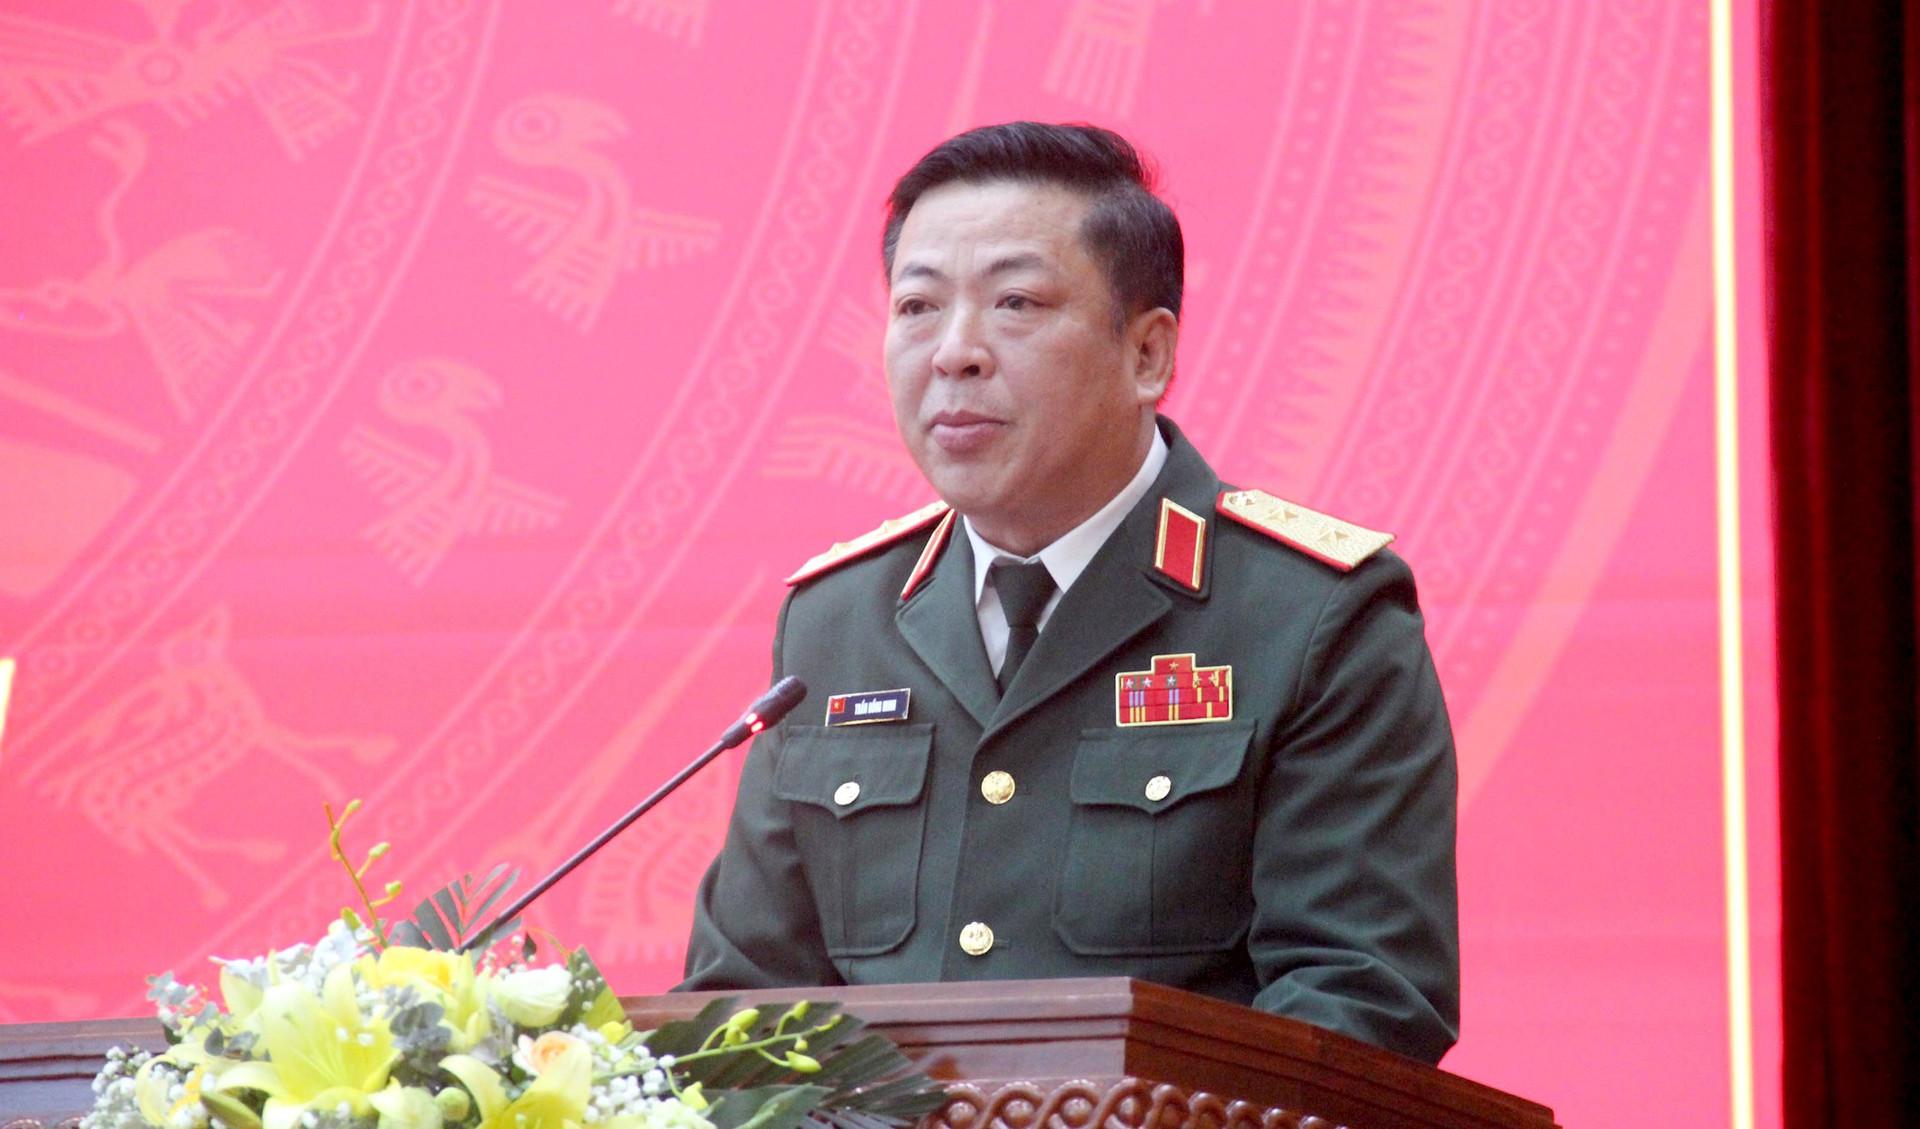 bo-chinh-tri-dieu-dong-trung-tuong-tran-hong-minh.jpg